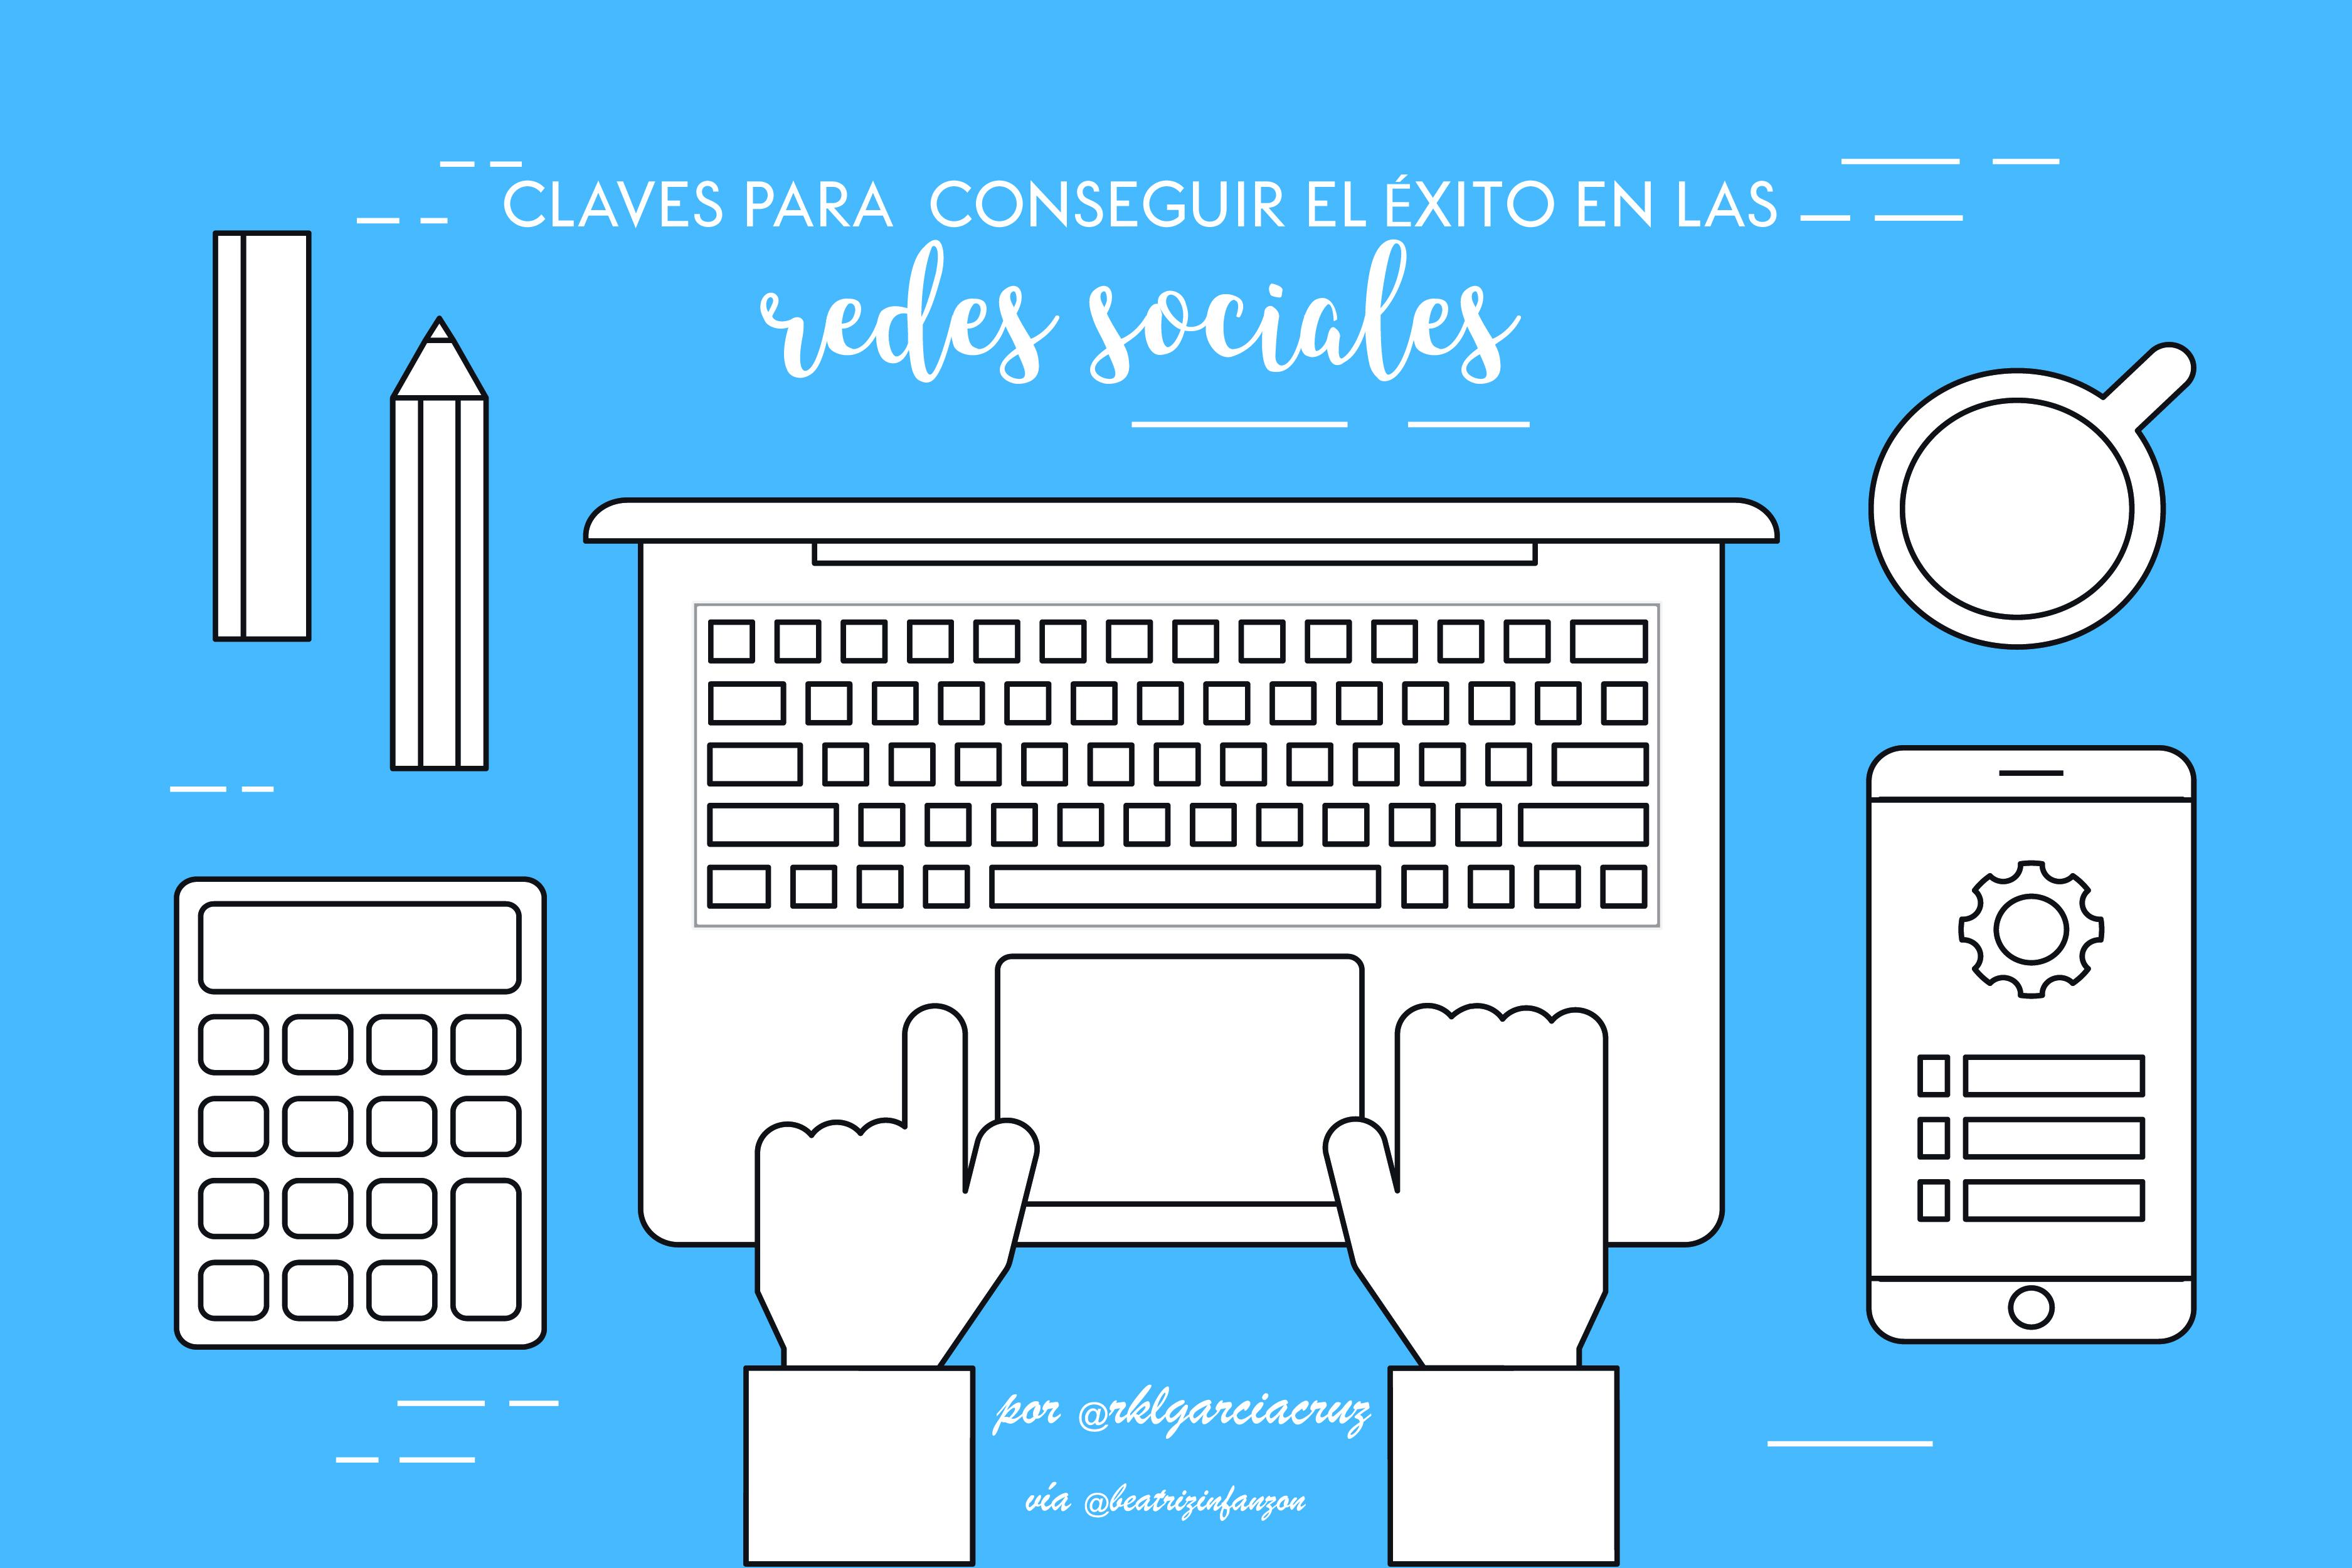 Claves para conseguir el éxito en las Redes Sociales